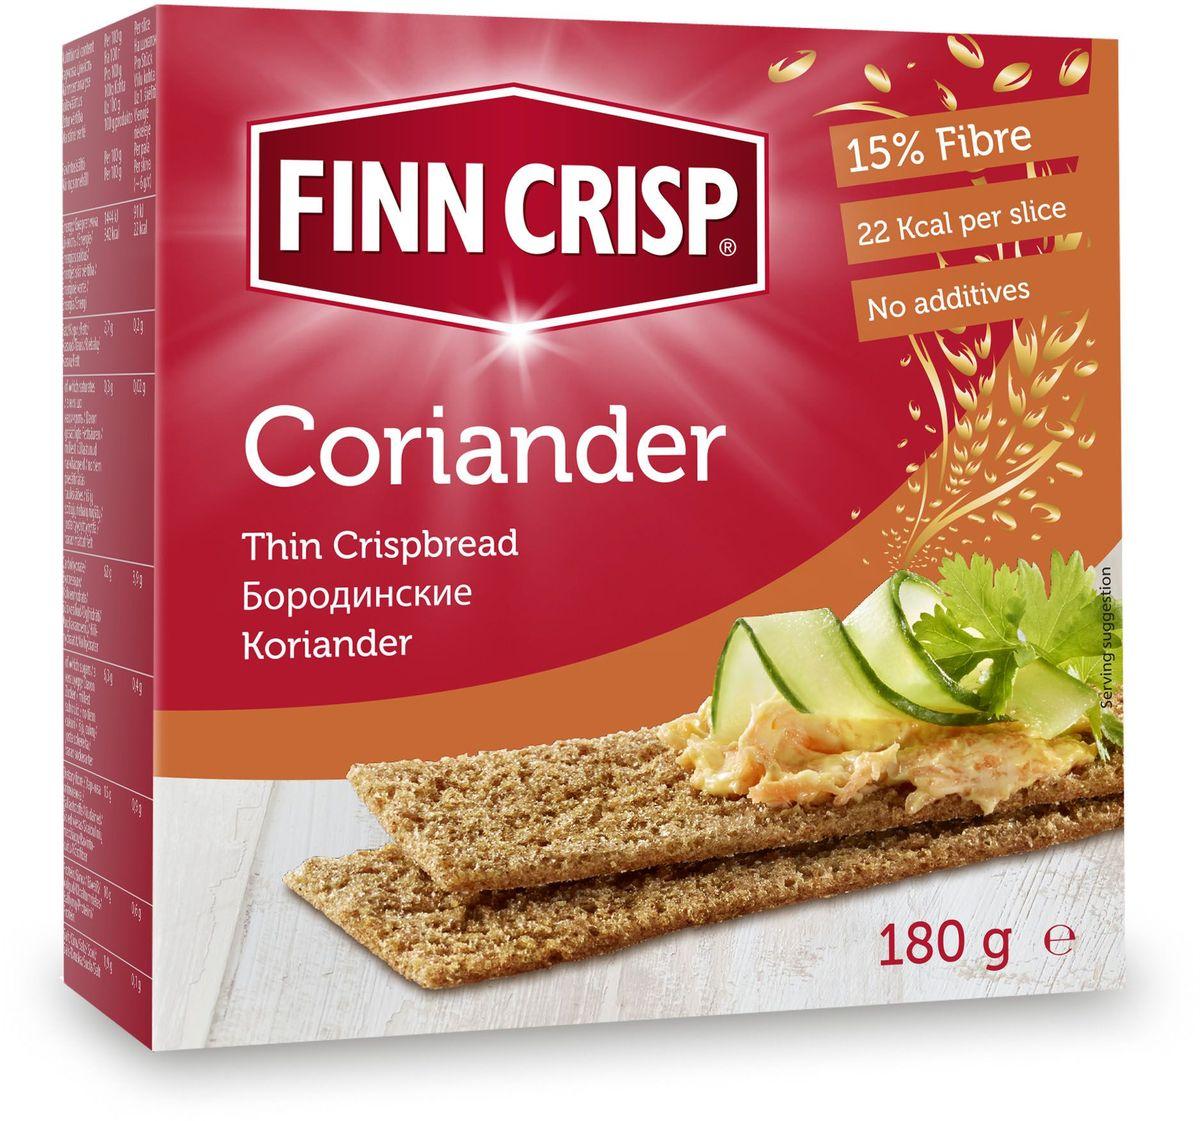 Finn Crisp Coriander хлебцы бородинские с кориандром, 180 г0120710В 1952 году началось производство сухариков FINN CRISP (ФИНН КРИСП), когда стартовали Олимпийские Игры в Хельсинки (Финляндия).Многие годы натуральные ржаные сухарики FINN CRISP отражают дух Финляндии для миллионов покупателей по всему миру, заботящихся о здоровом питании. Высушивать хлеб - давняя финская традиция и FINN CRISP до сих пор придерживаются этой традиции создавая хлебцы по старому классическому финскому рецепту.Бренд FINN CRISP принадлежит компании VAASAN Group's.VAASAN - это крупнейшая хлебопекарная компания в Балтийском регионе со столетней историей, занимающаяся производством продукции для правильного и здорового питания. Занимающая второе место по производству сухариков и хлебцев, а её продукция экспортируются в более чем 50 государств!